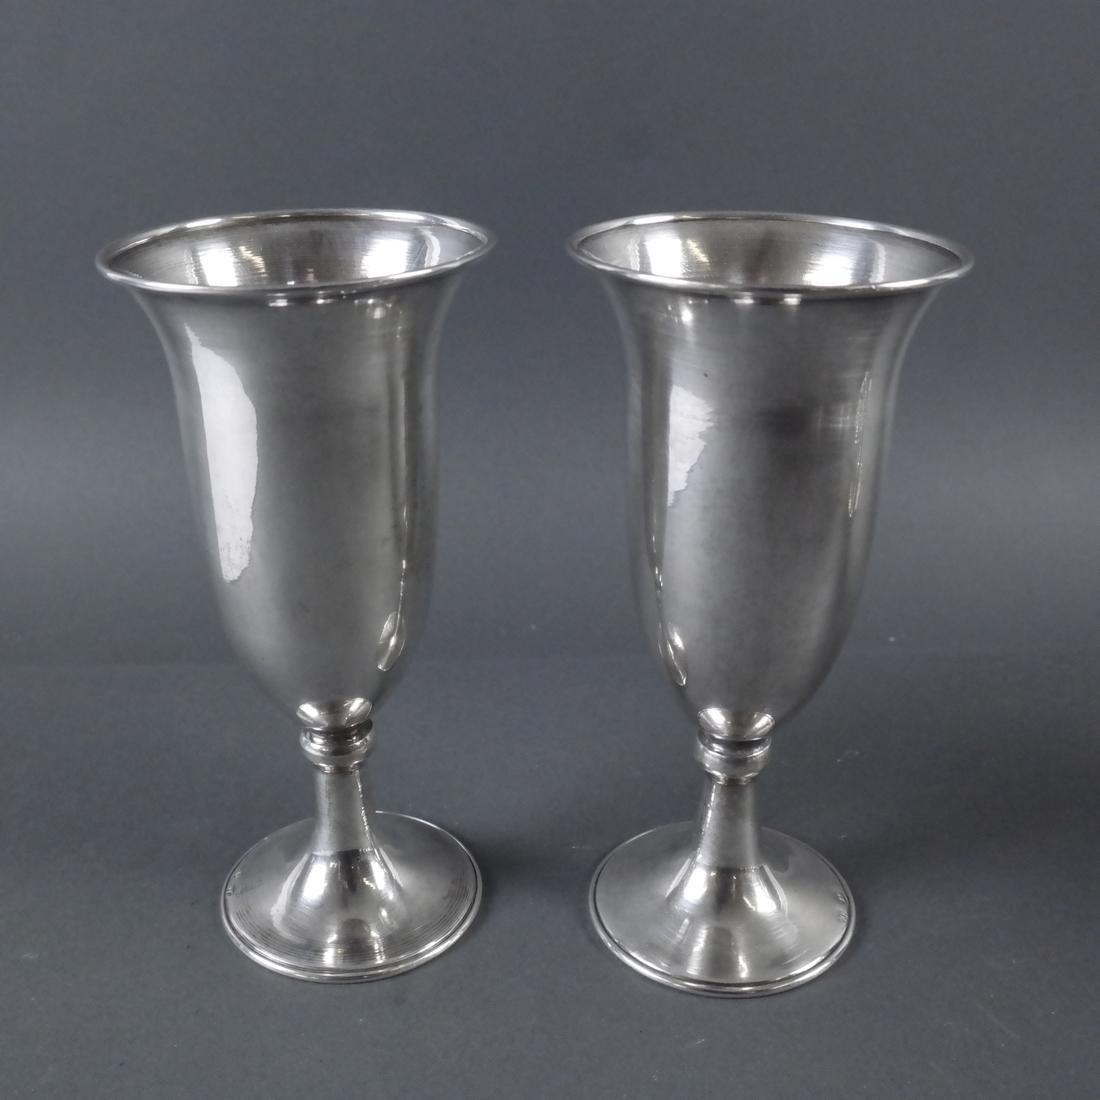 Set Twelve .900 Standard Silver Goblets - 6